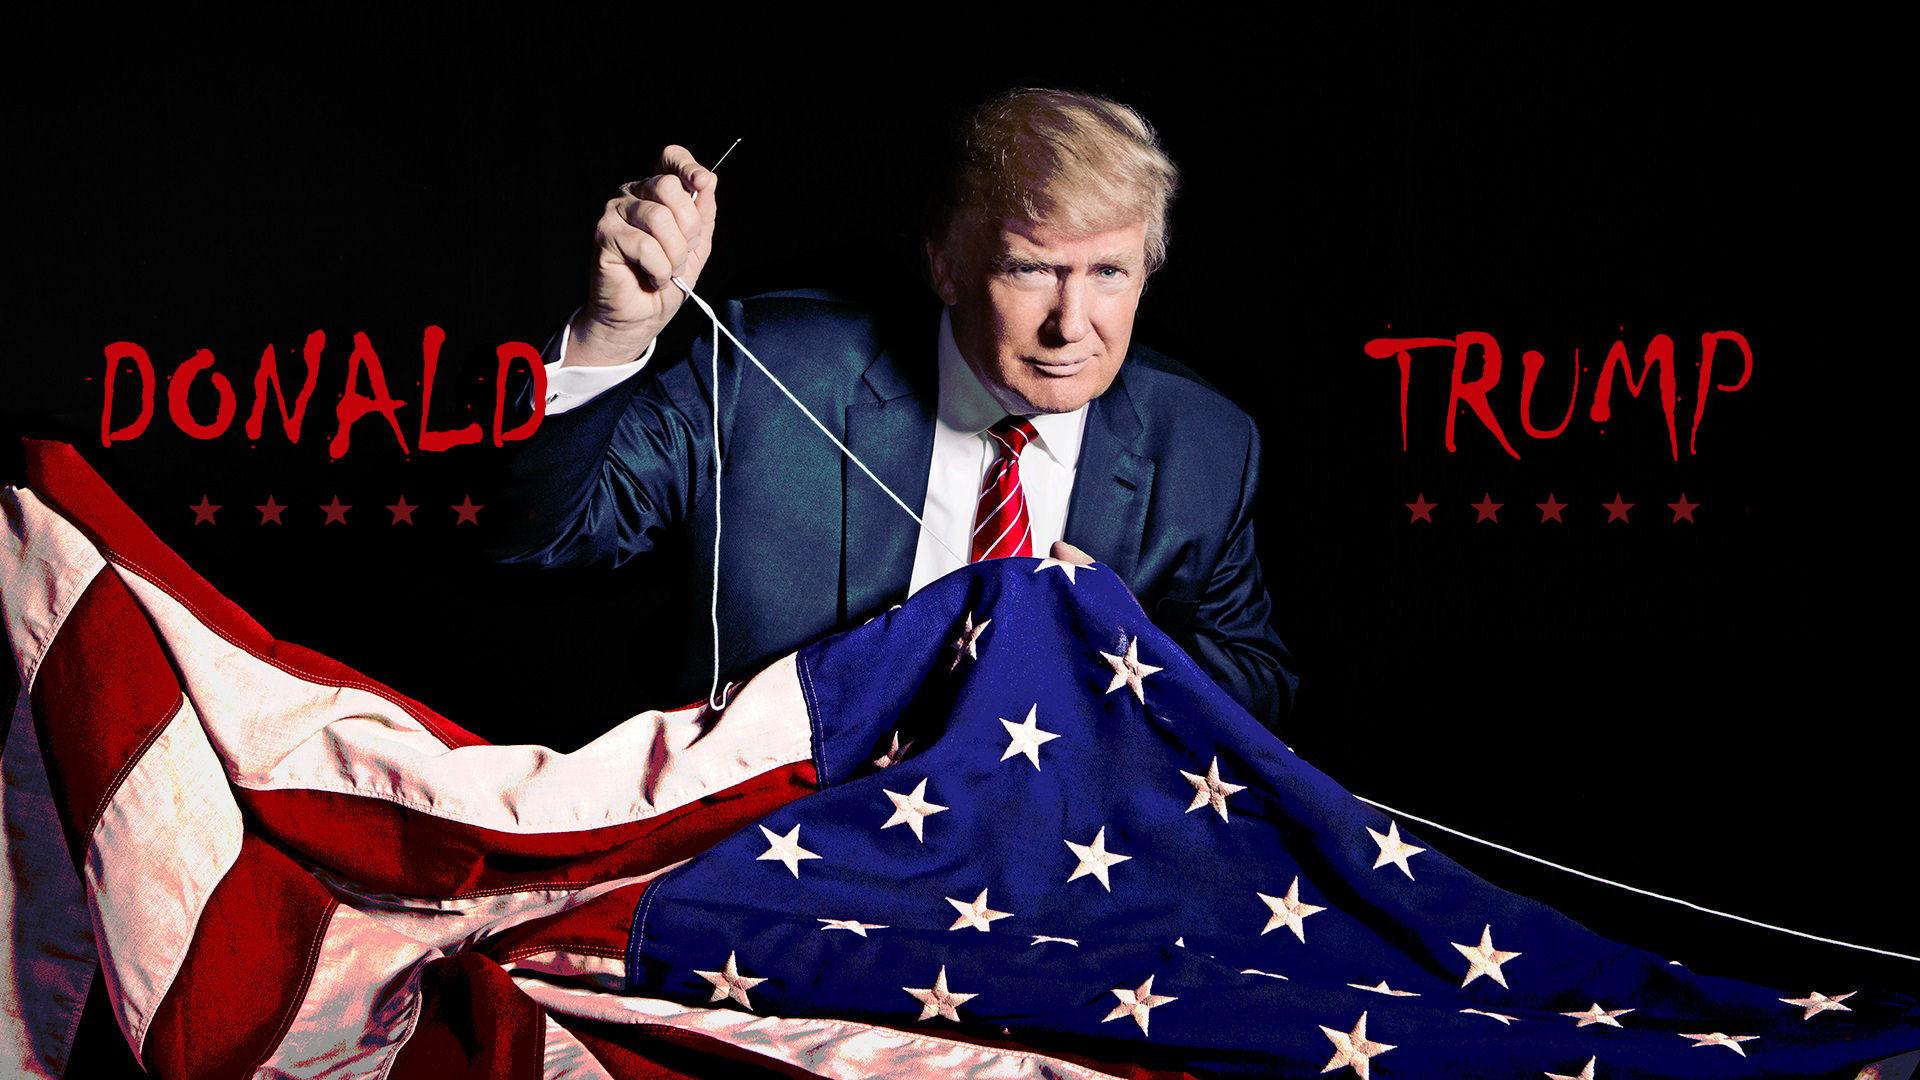 Donald Trump Donald Trump Wallpaper 40189375 Fanpop